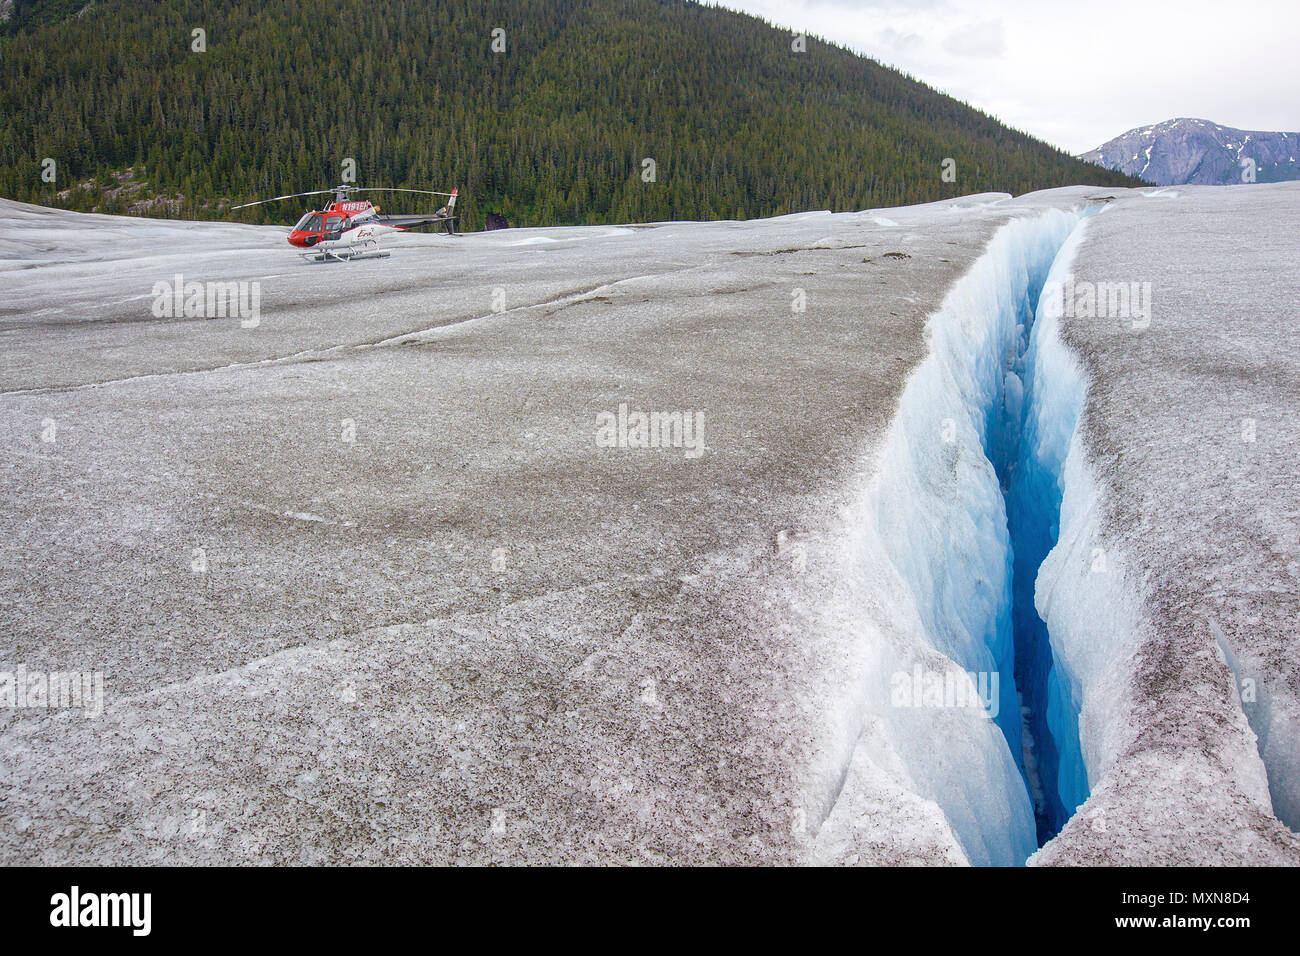 Gletscherspalte in Juneau Icefield, Mendenhall Gletscher, Alaska, North Pacific, USA Stockbild